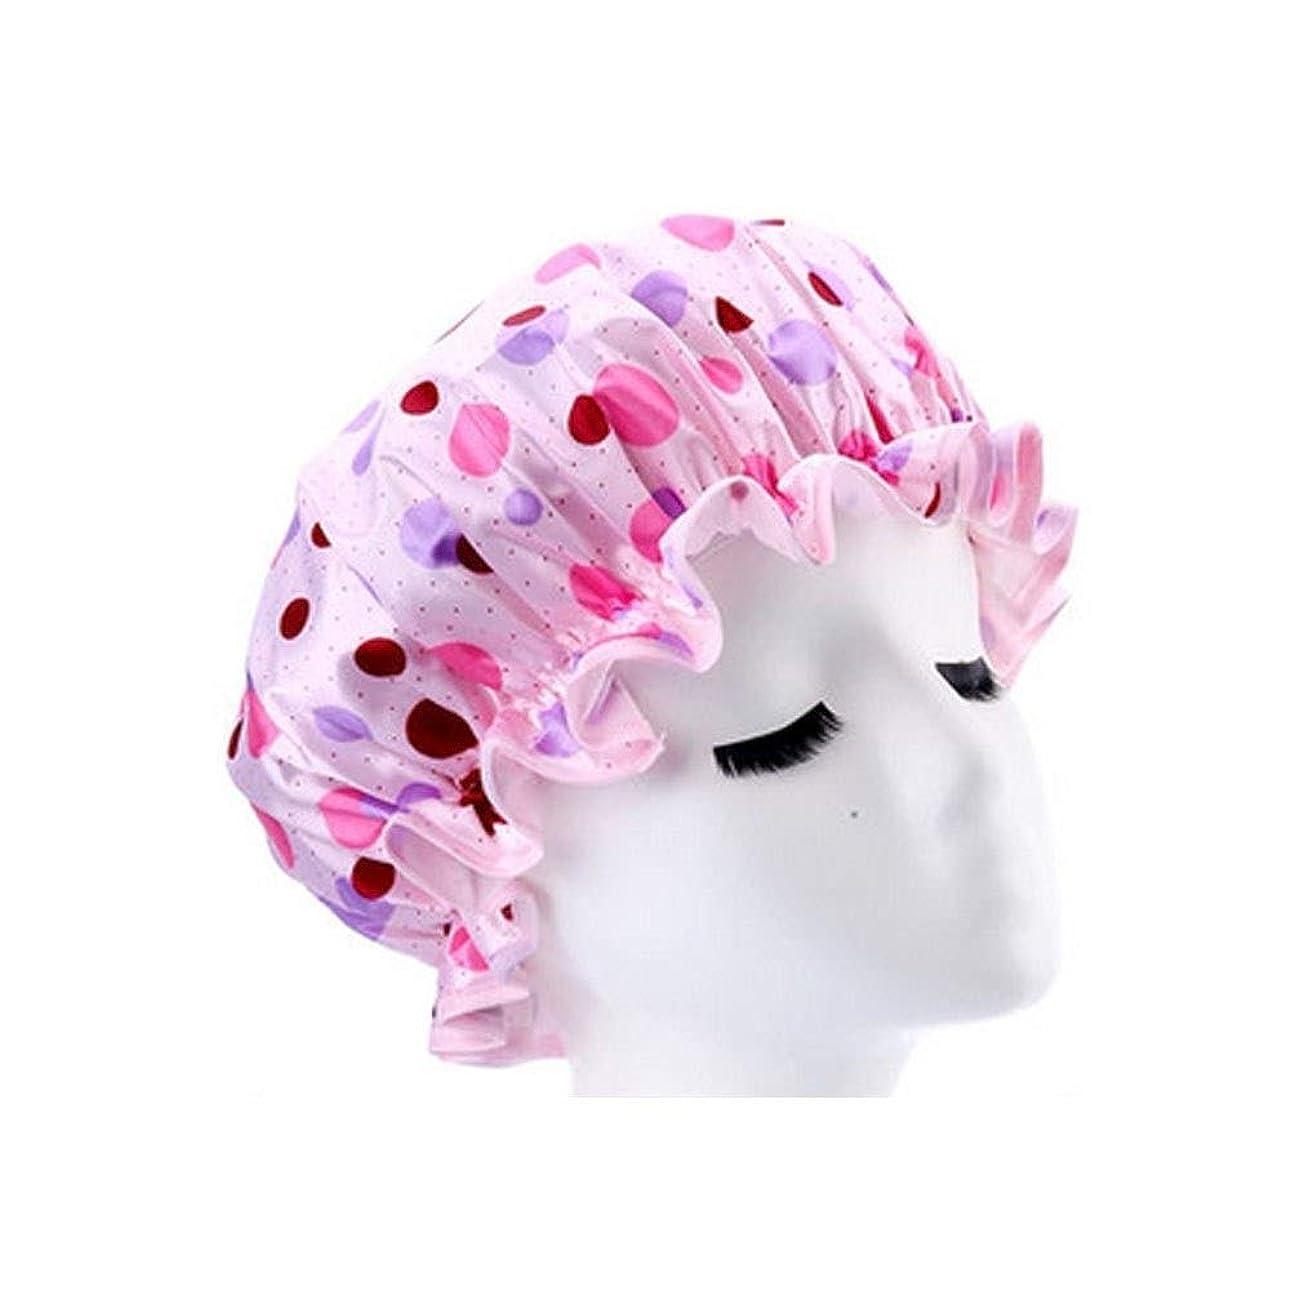 下位アイザックアスレチックSMXGF シャワーキャップ、女性のすべての髪の長さと厚さに適しレディースシャワーキャップデラックスシャワーキャップ - 防水やカビ耐性、再利用可能なシャワー。 (Color : 2)